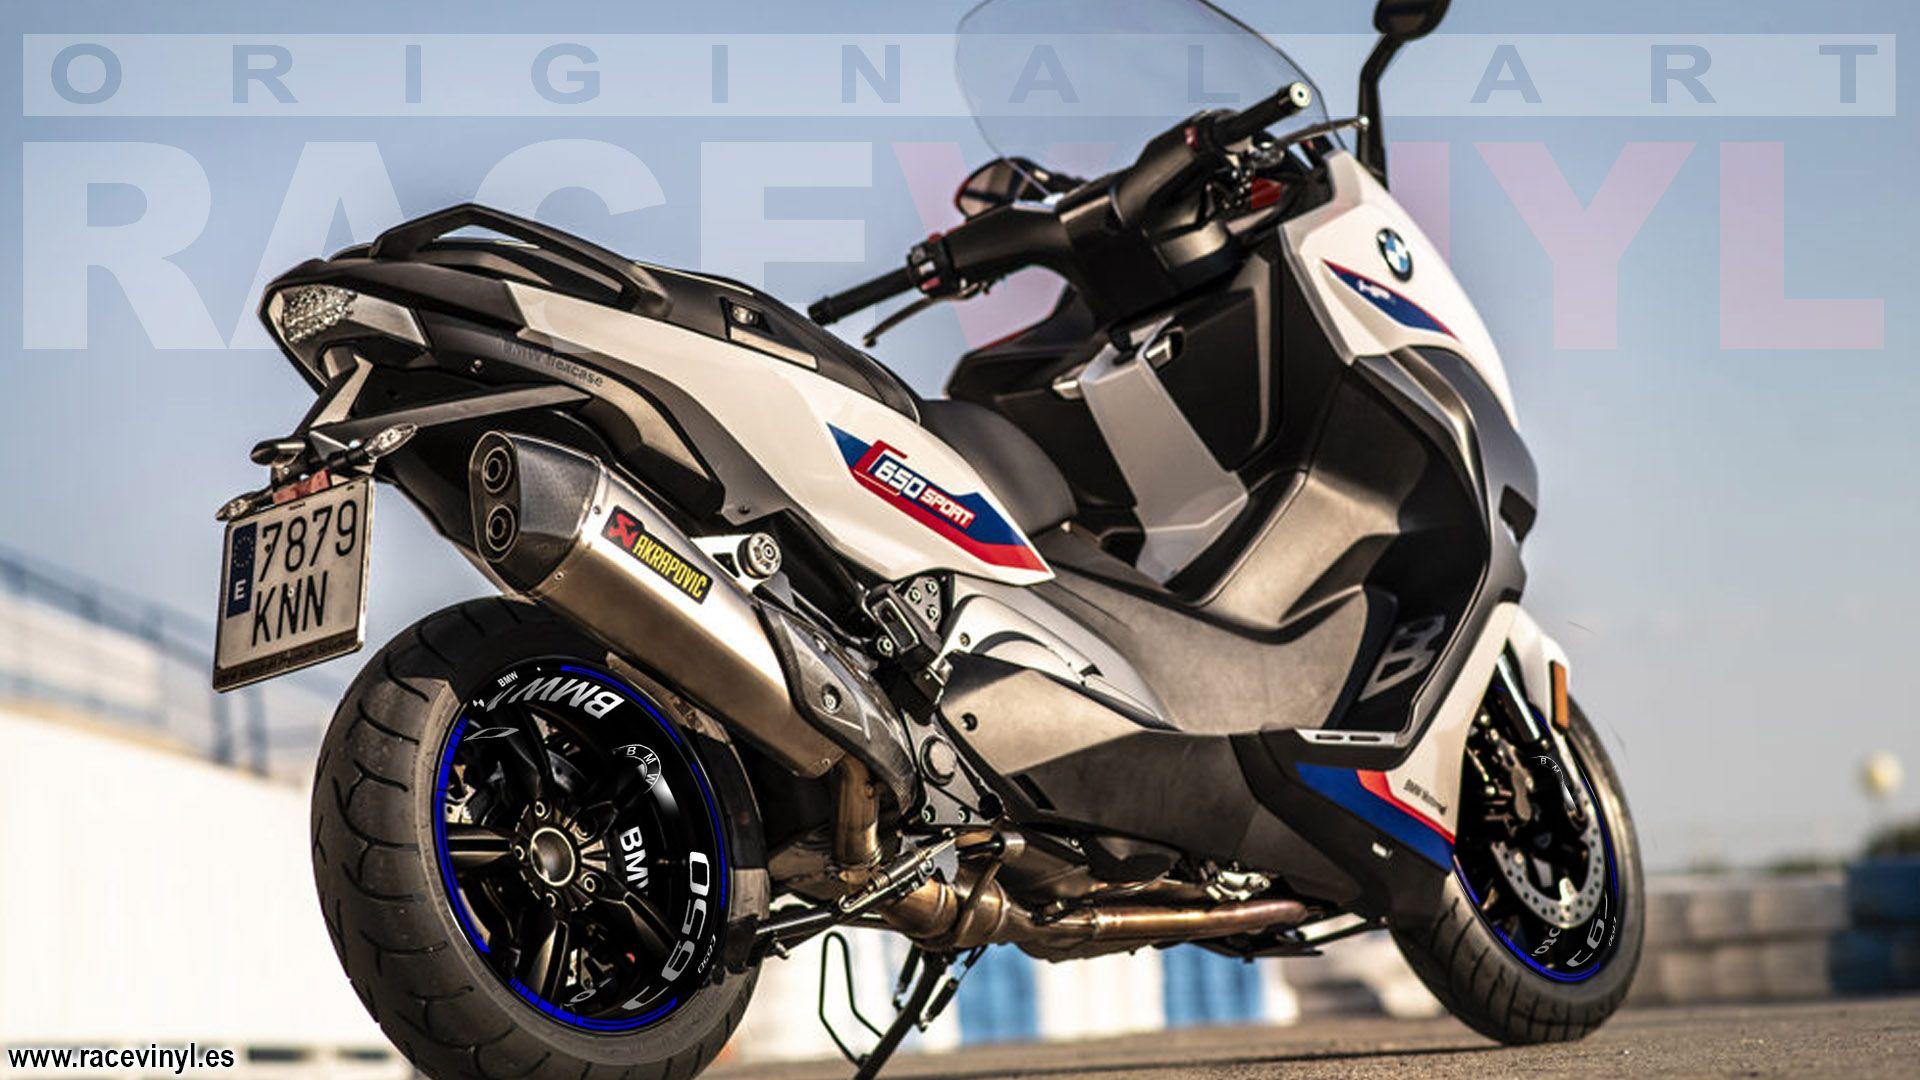 Kit PRO llantas BMW C650, adhesivos y vinilos para motos